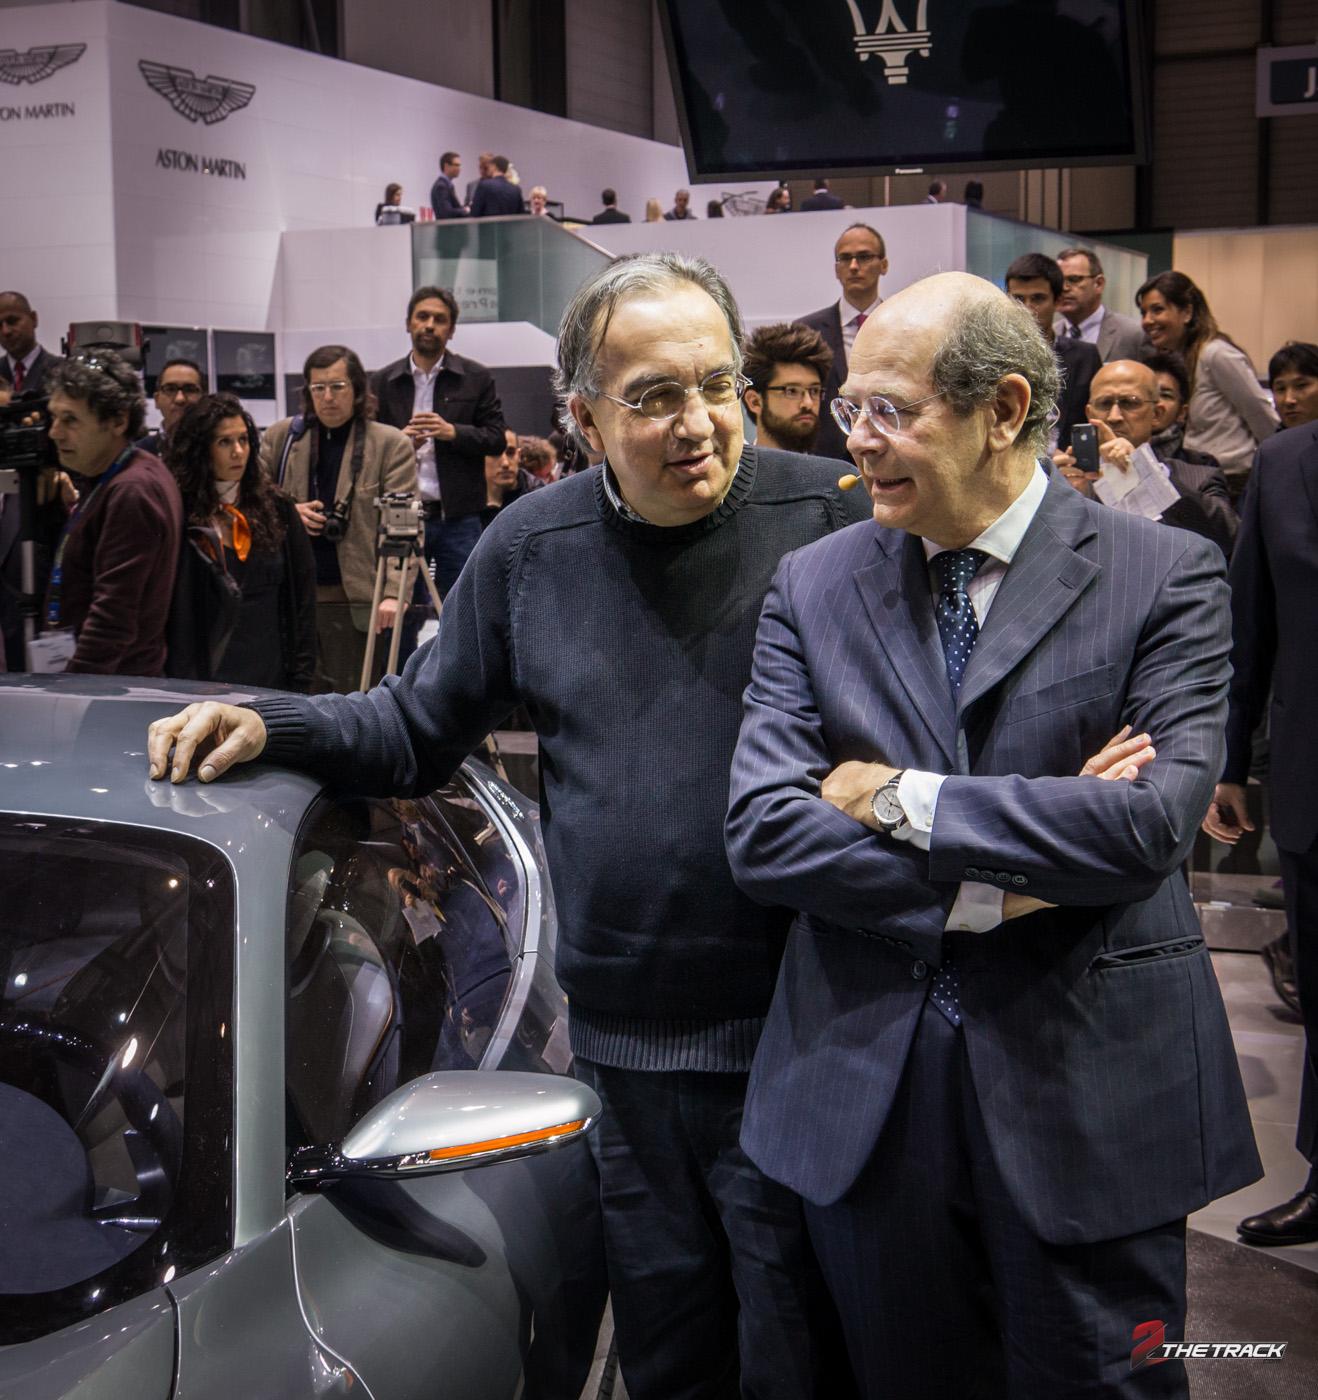 FCA directeur Sergio Marchionne in gesprek met design directeur Lorenzo Ramaciotti op de Autosalon Genève 2014 na de Alfieri presentatie.